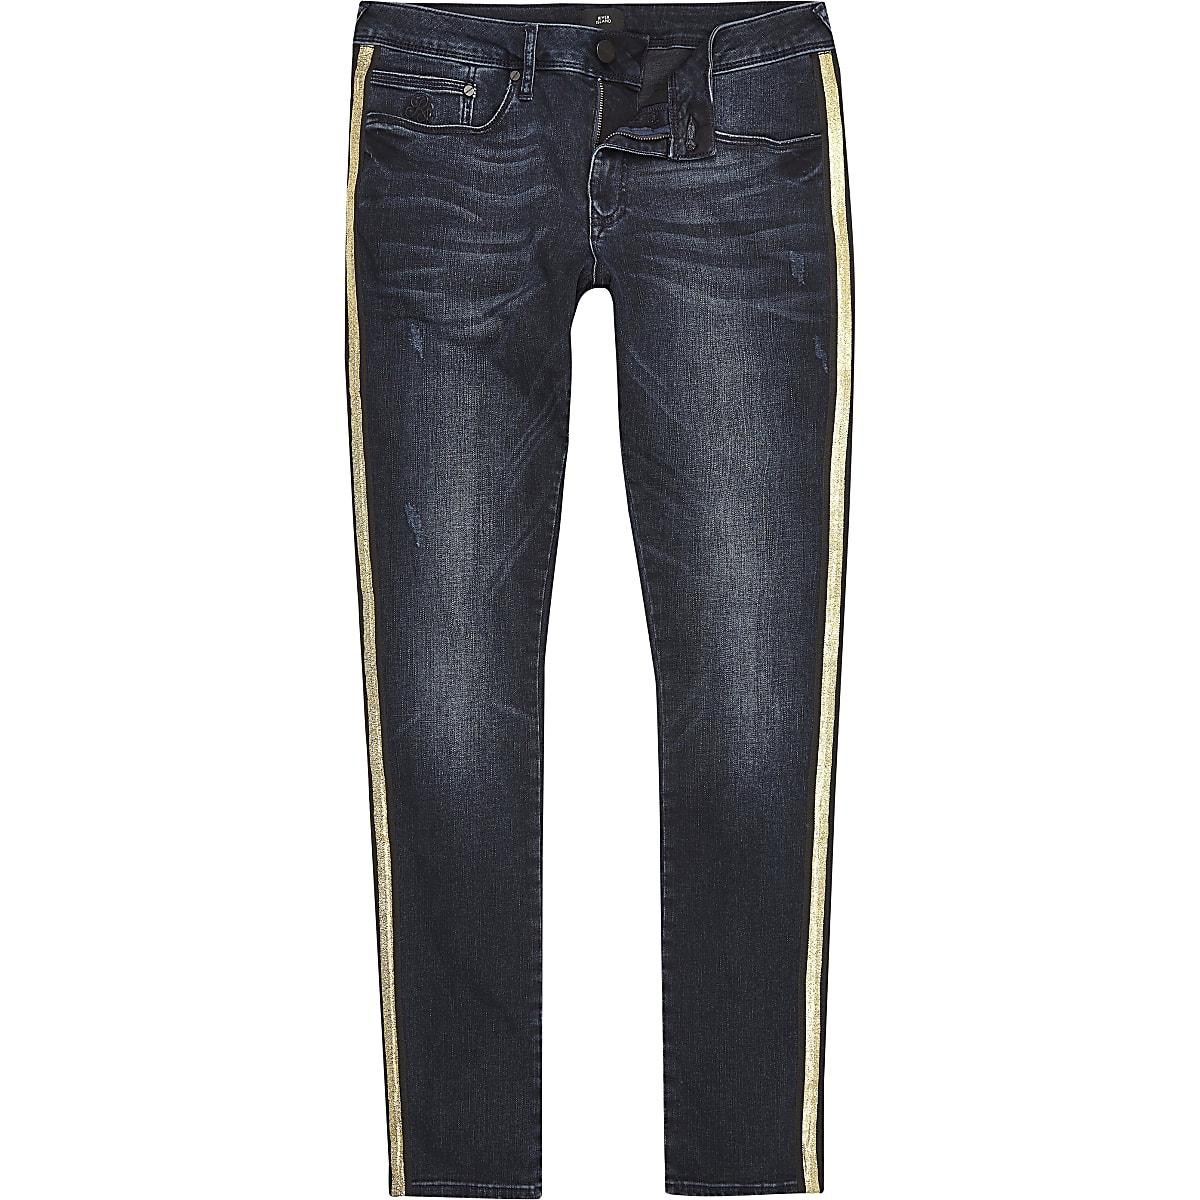 Big and Tall - Blauwe superskinny jeans met bies